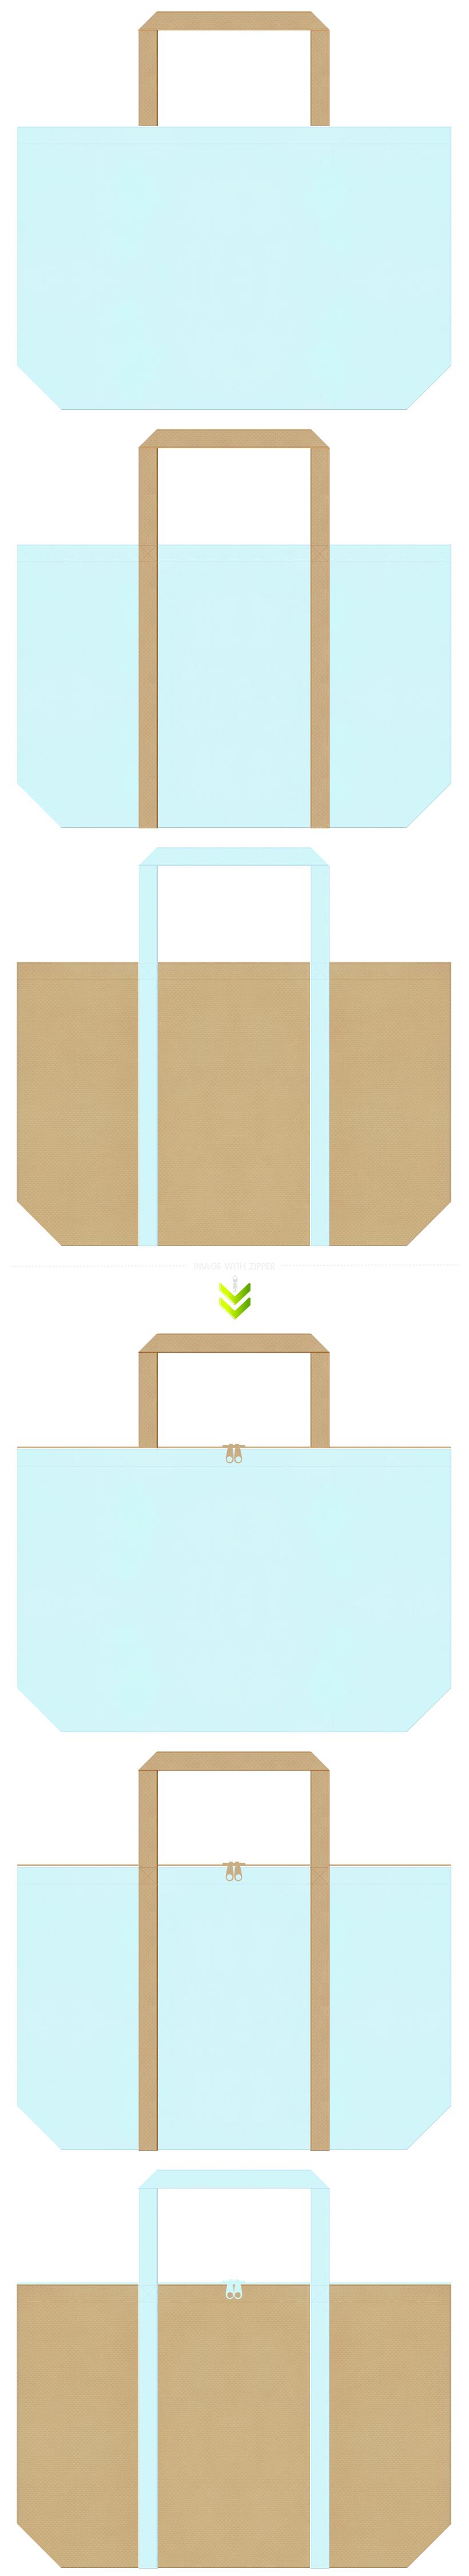 水色とカーキ色の不織布エコバッグのデザイン。ガーリーなイメージにお奨めです。